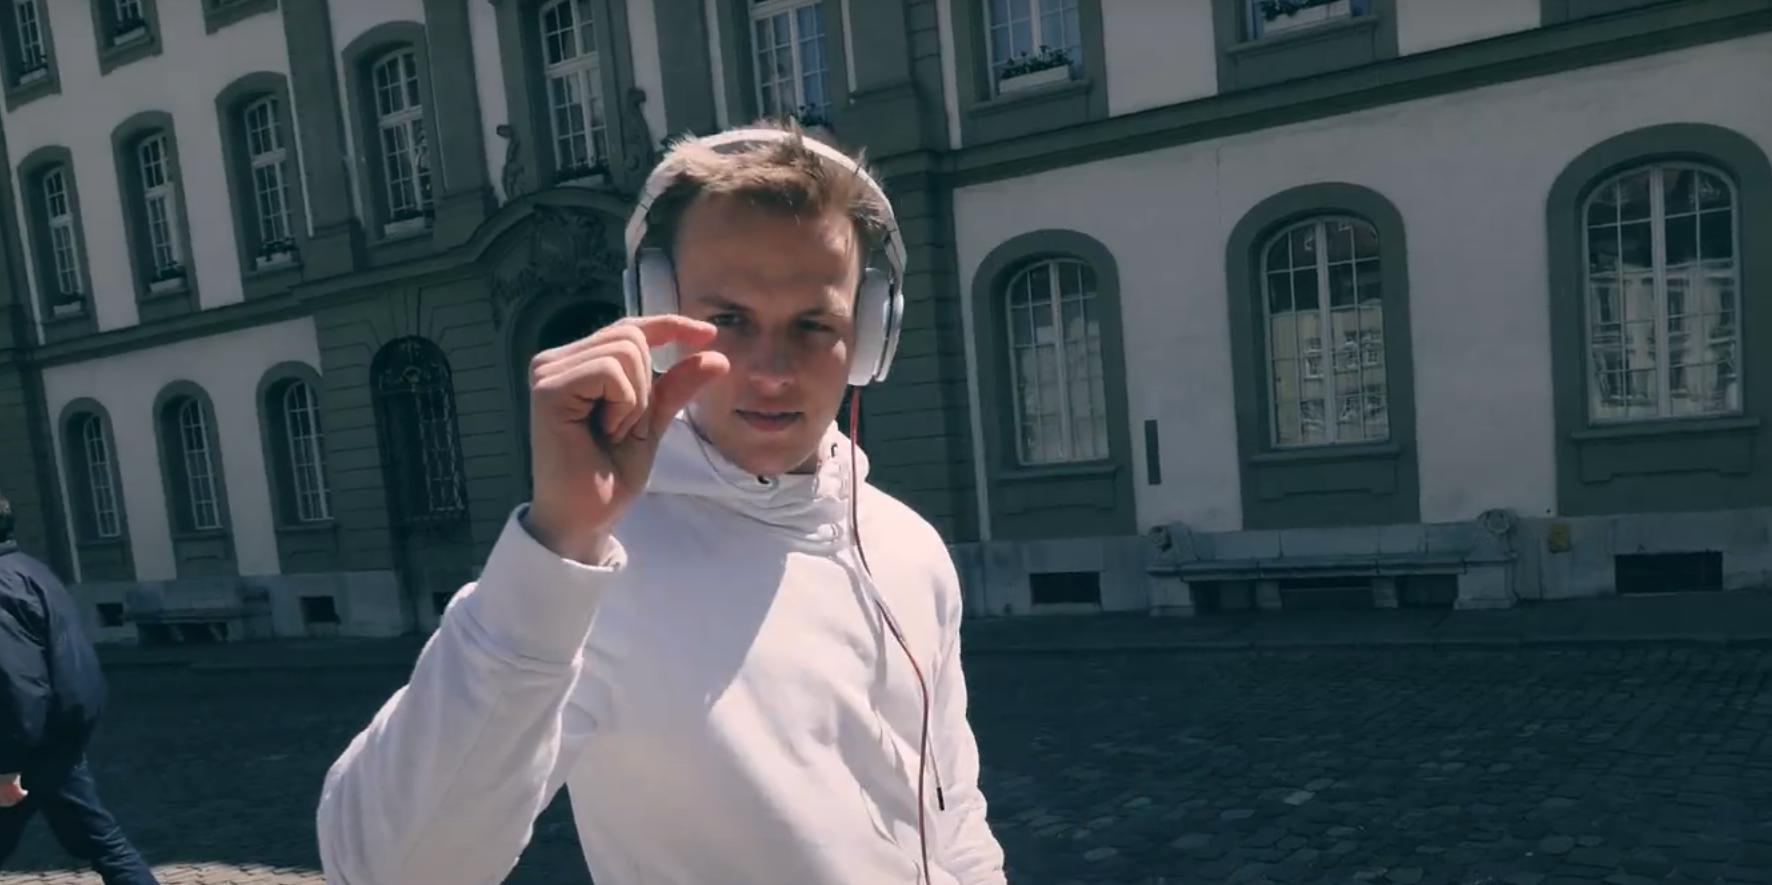 Schweizer Acts & ausländische Hit-Instrumentals: Für diese 10 Songs haben sich Rapper Inspiration im Ausland geholt